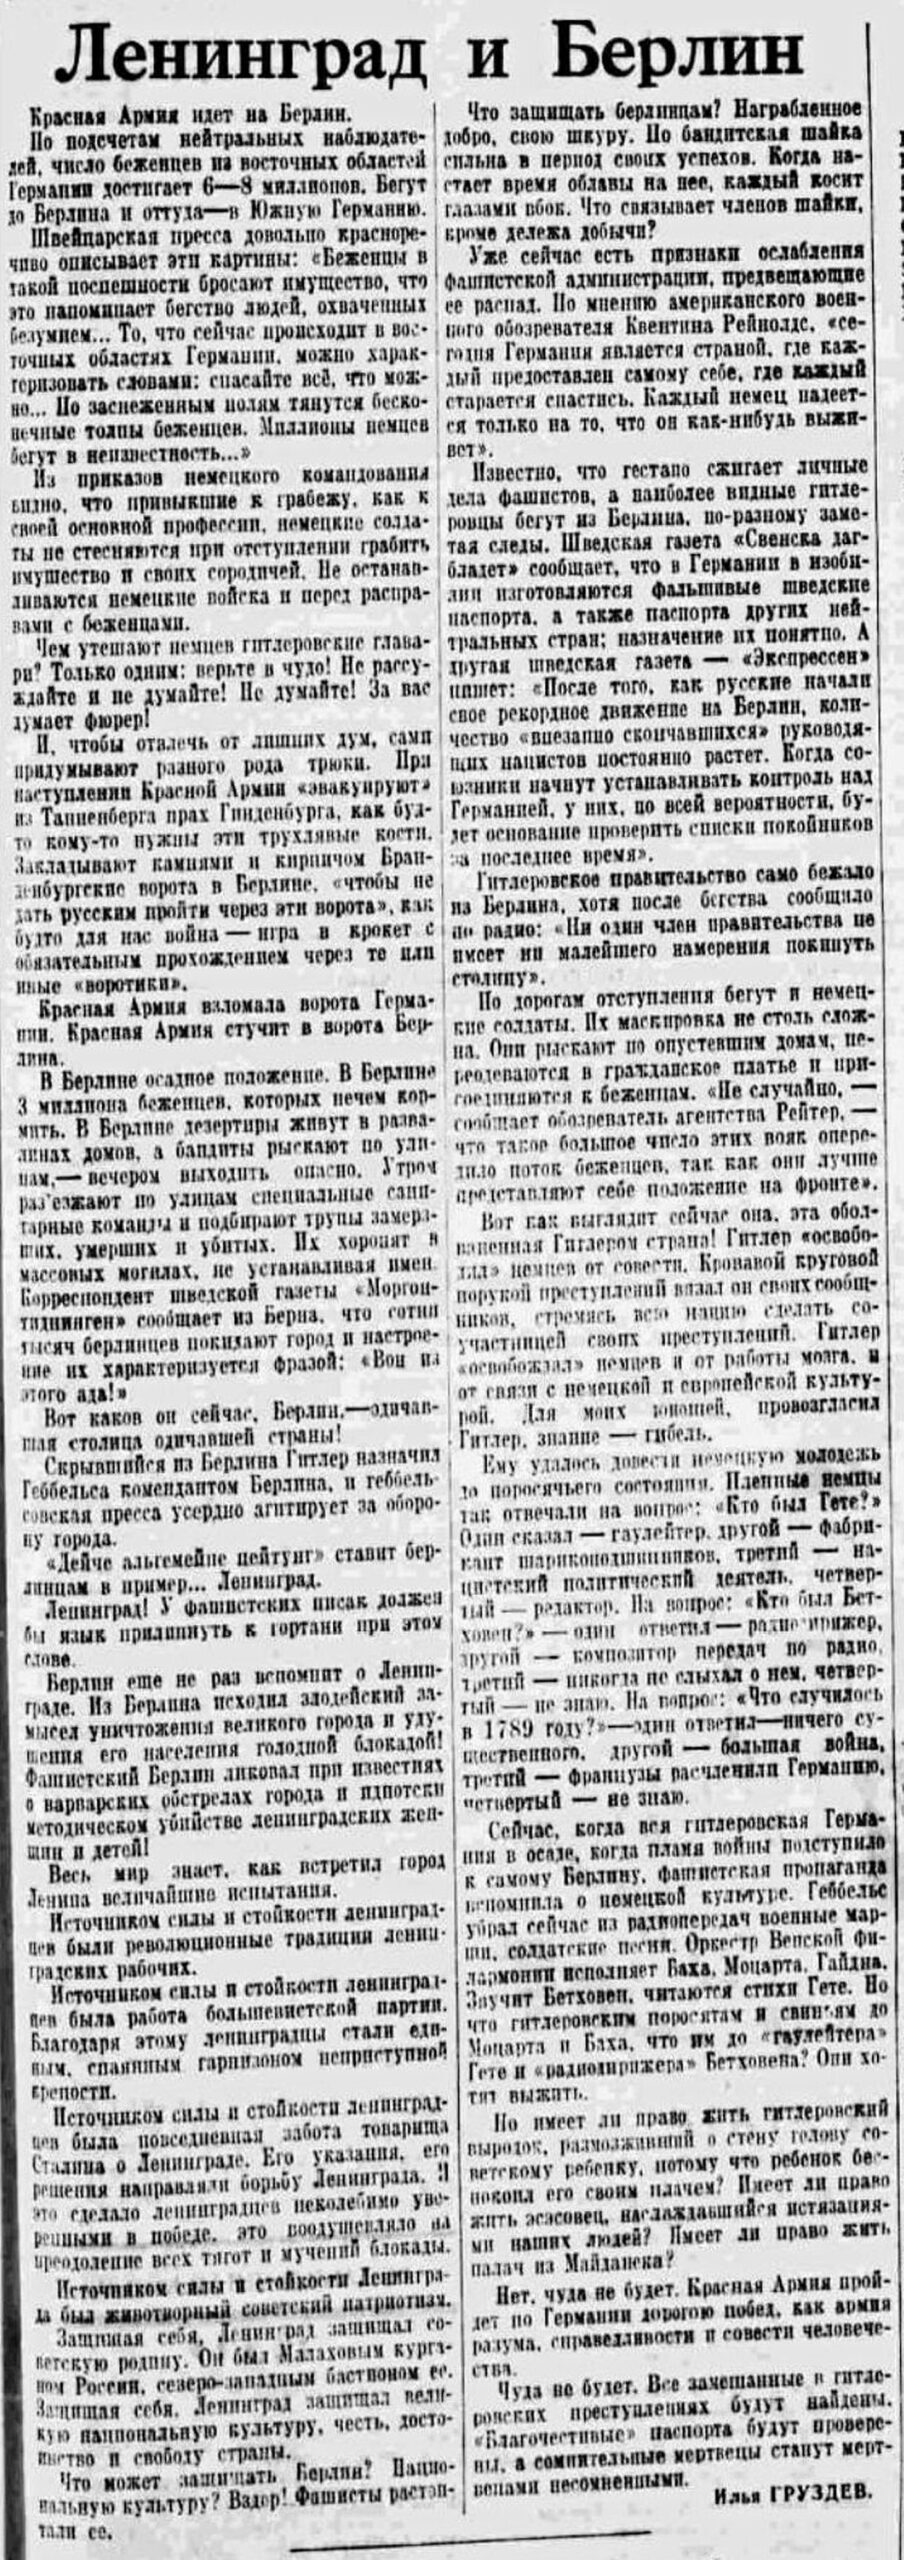 Илья Груздев, газета «Правда» №46, 23 февраля 1945 года